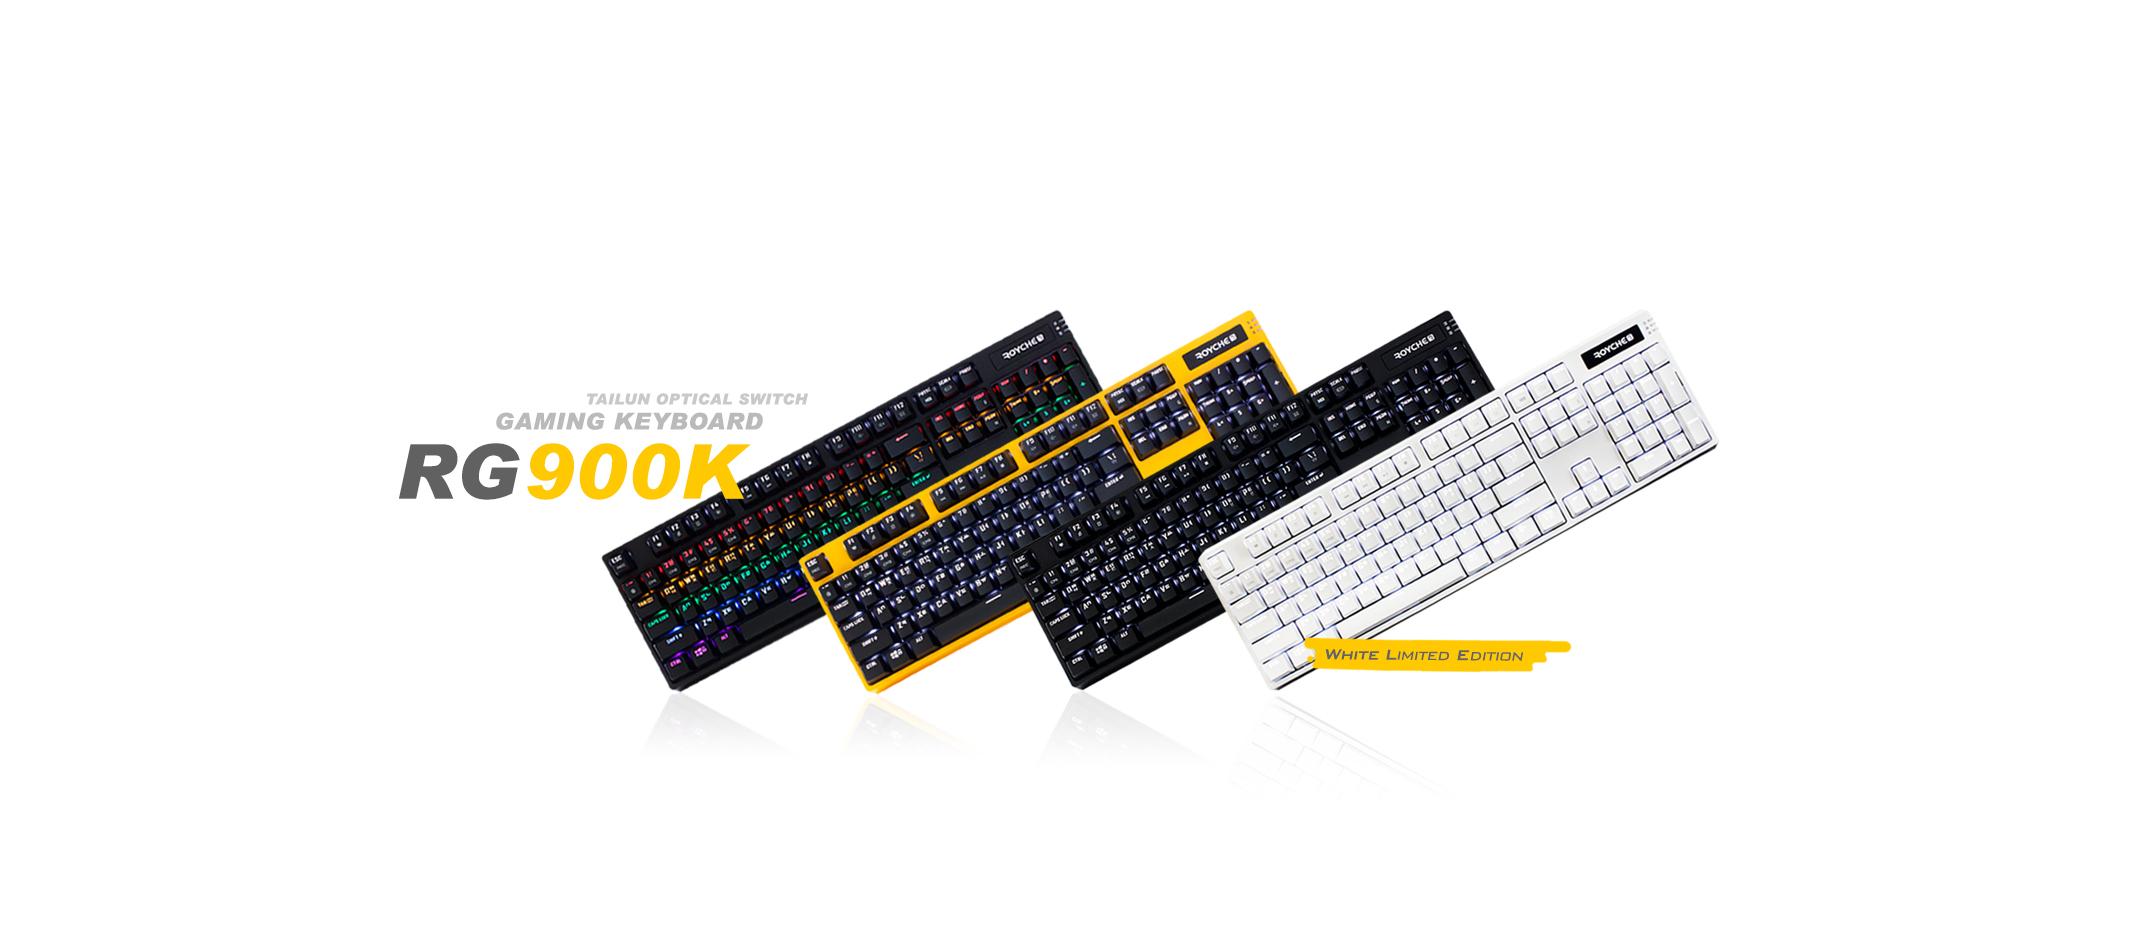 RGB백라이트 광축 게이밍 기계식키보드 RG900K42,900원-로이체디지털, PC주변기기, 키보드, 게이밍키보드바보사랑RGB백라이트 광축 게이밍 기계식키보드 RG900K42,900원-로이체디지털, PC주변기기, 키보드, 게이밍키보드바보사랑